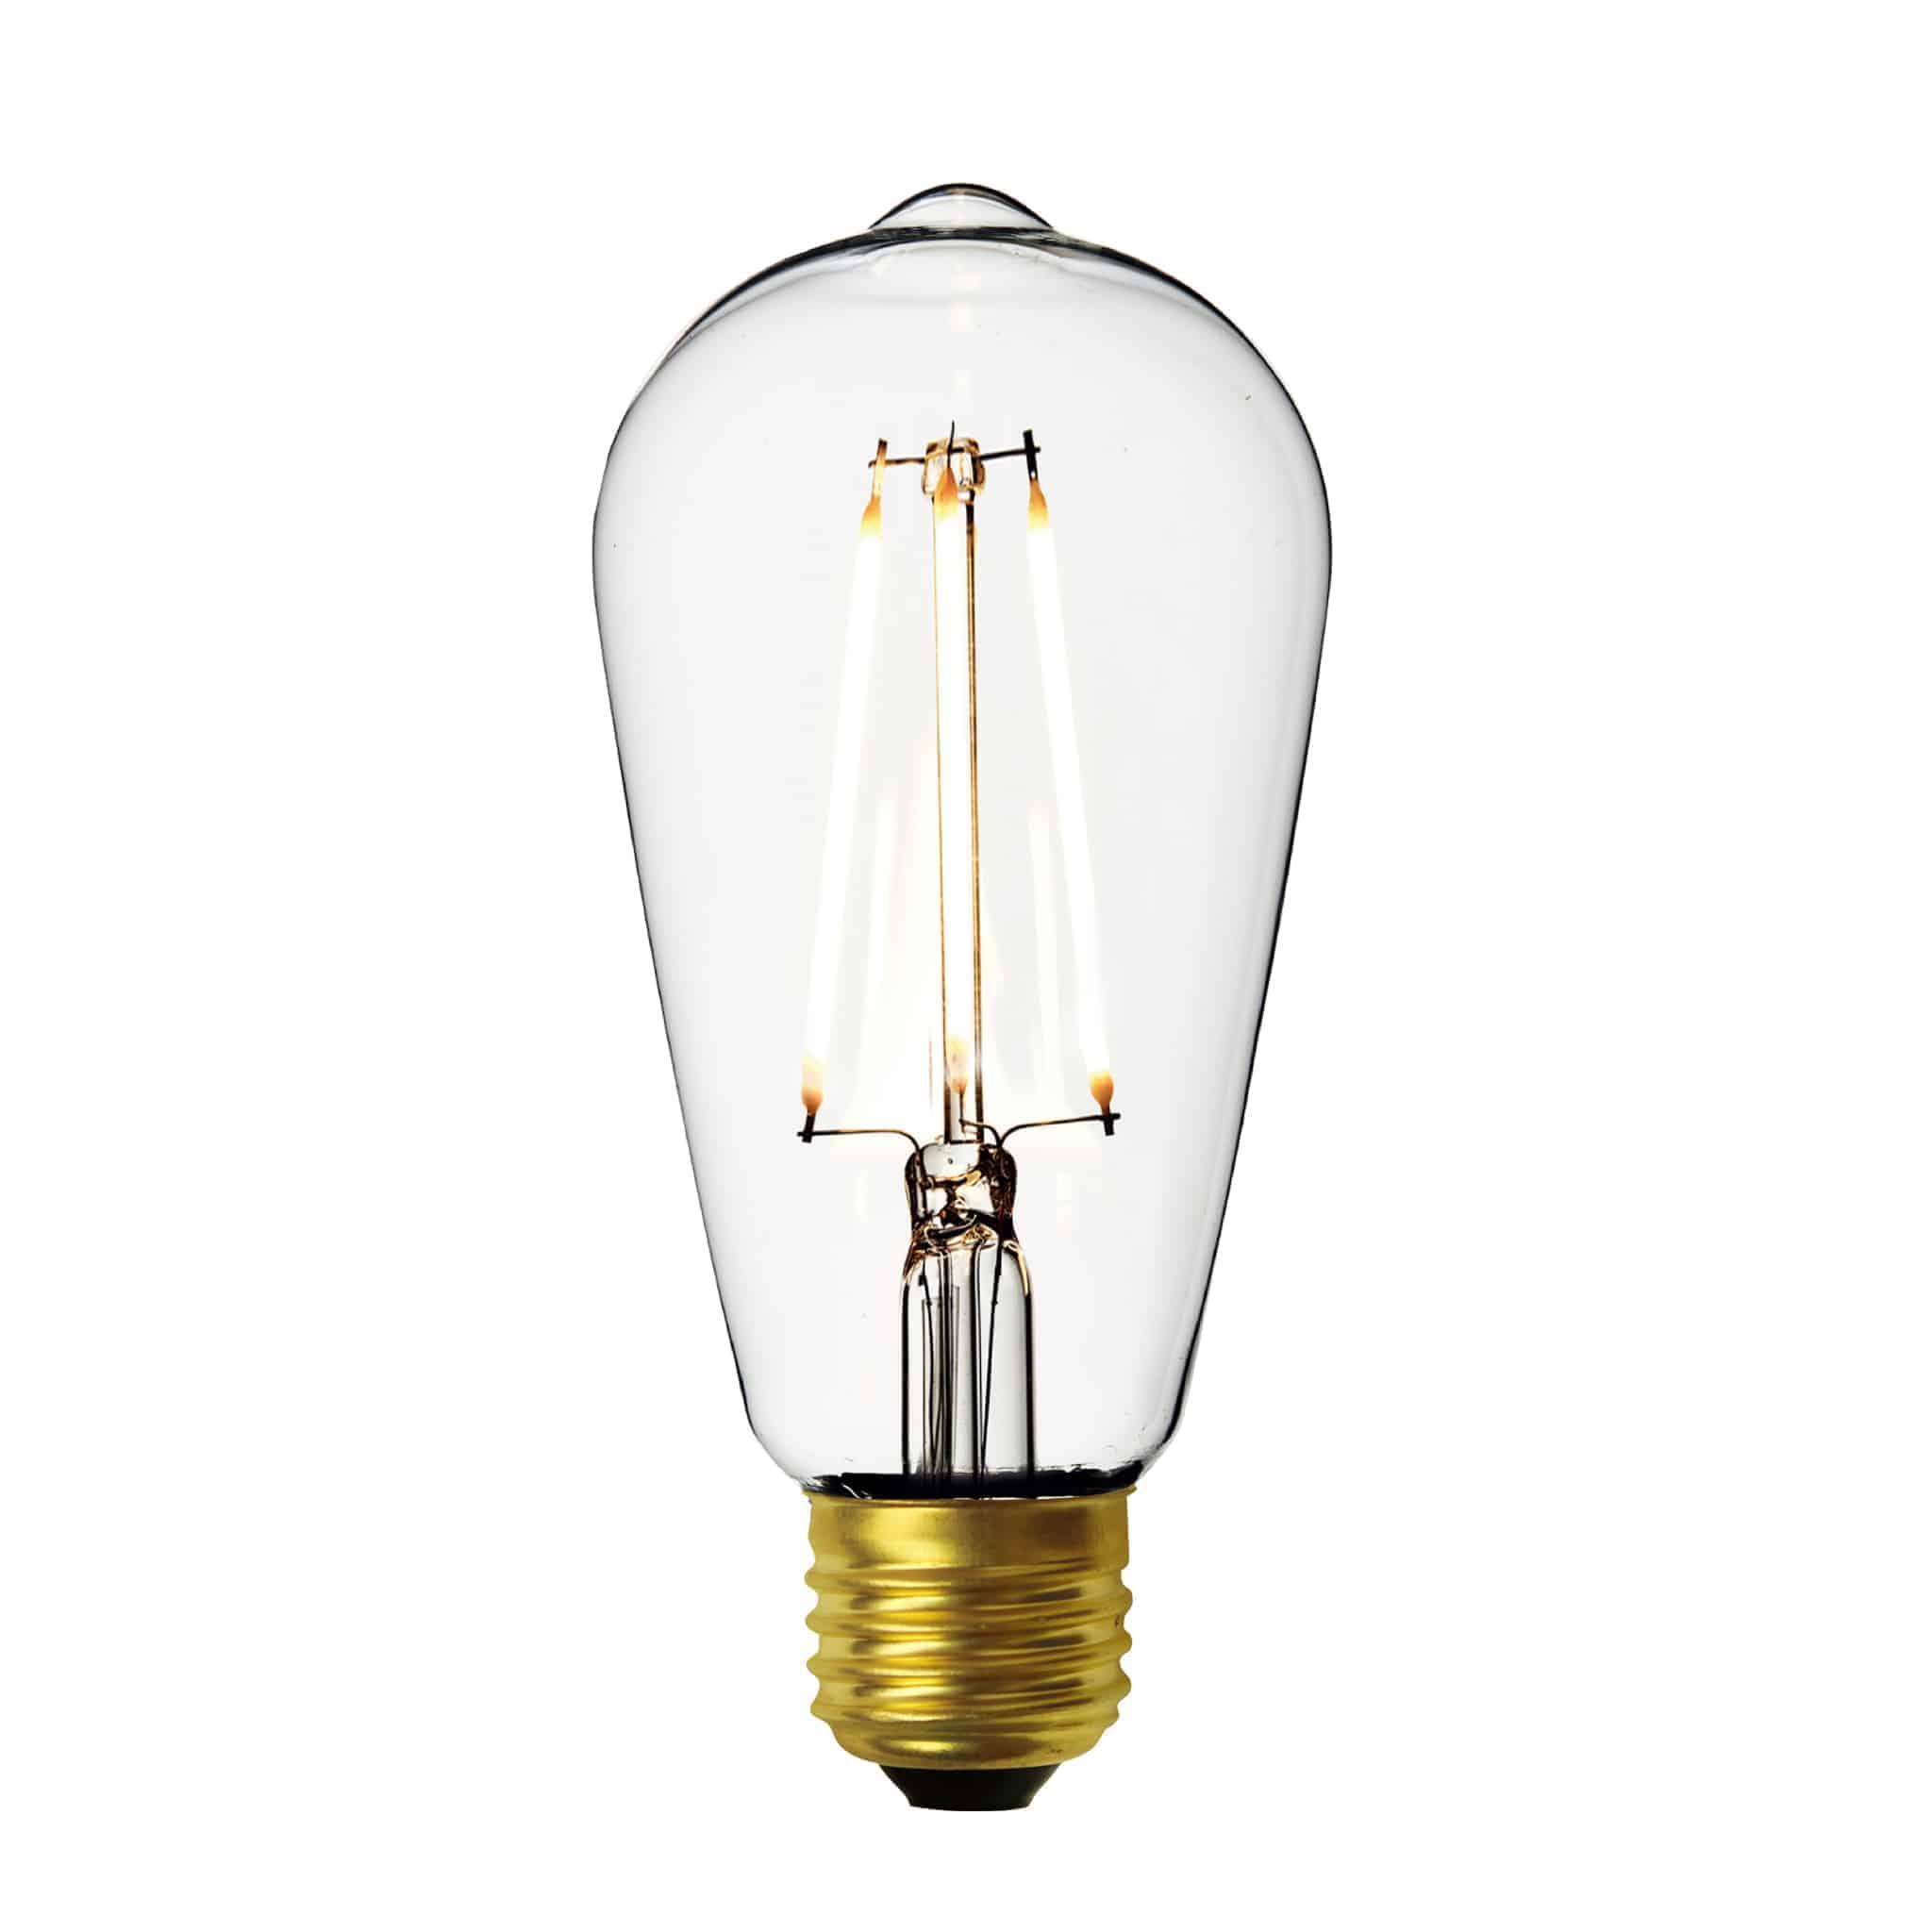 ST64-7W-C Industville Bulb